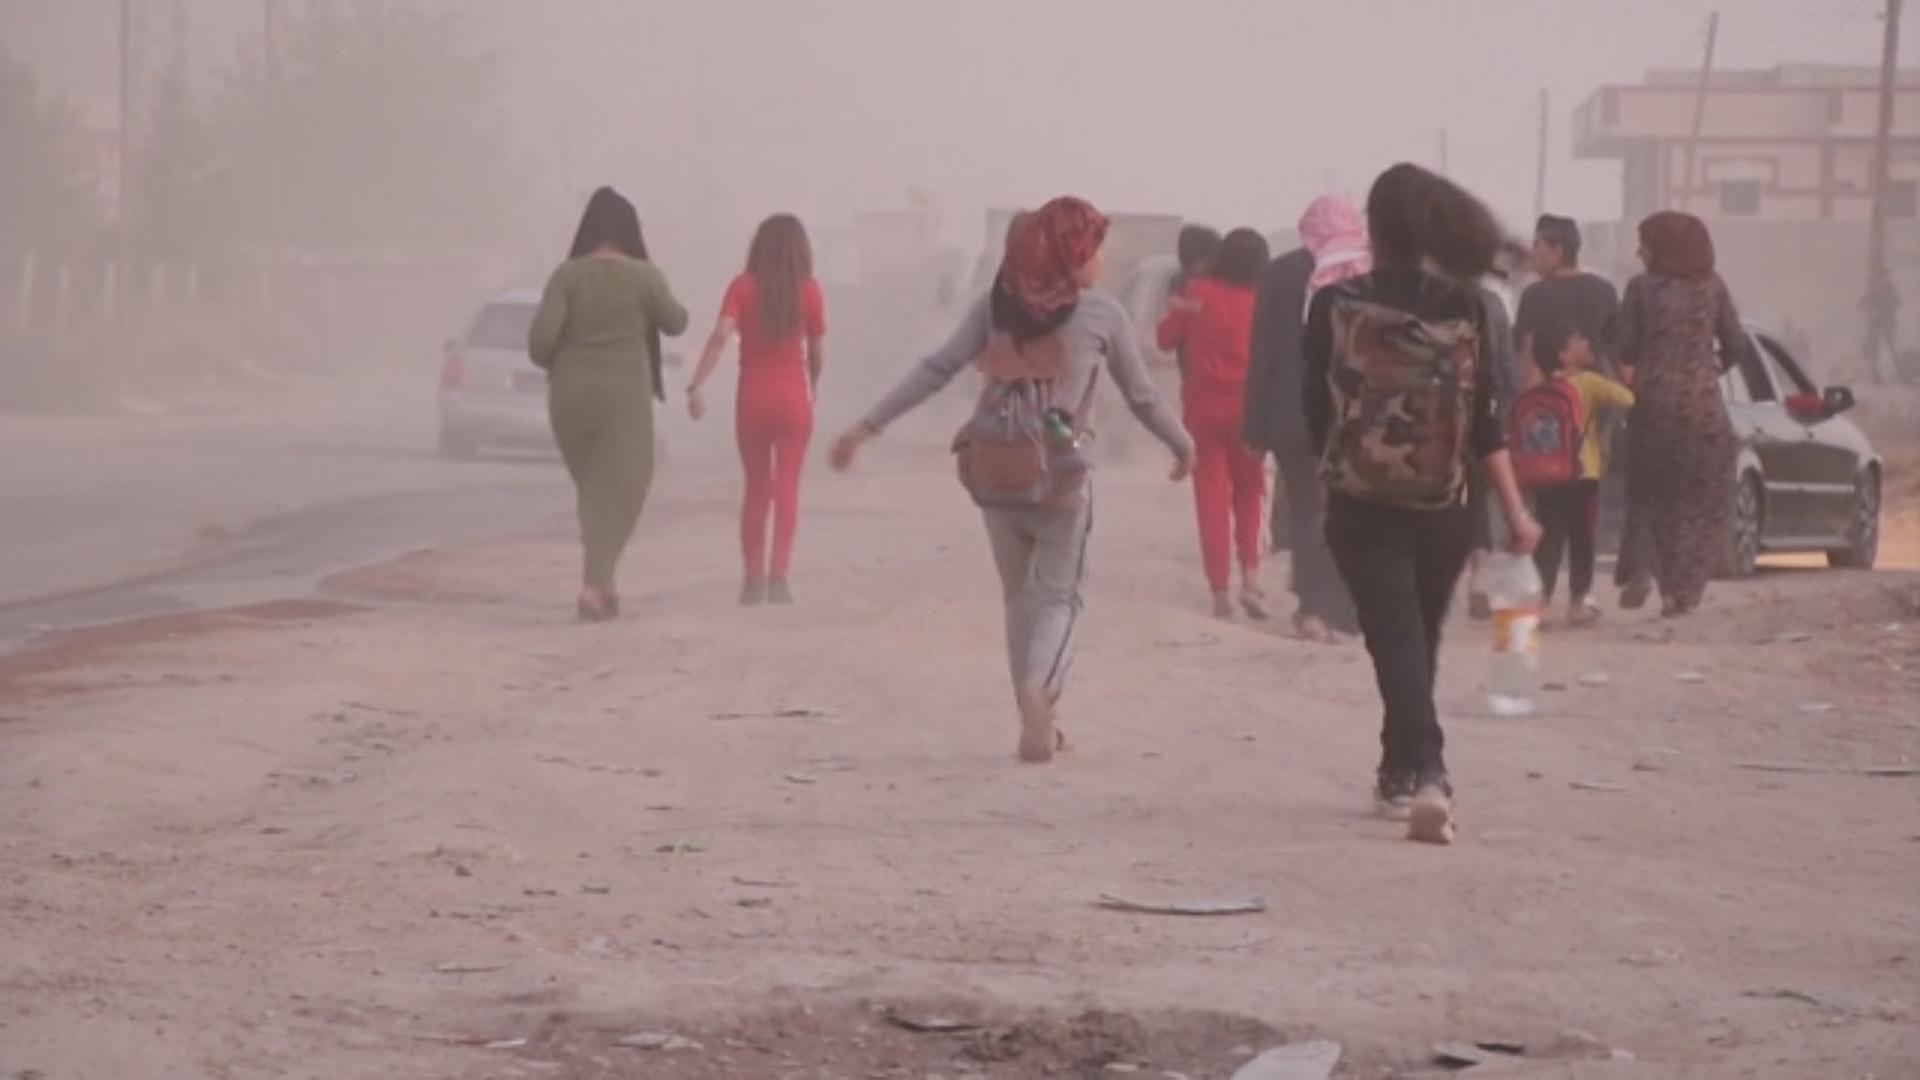 ТУРК УЛС СИРИЙН ЗҮҮН ХОЙД ХЭСЭГ ДЭХ ЦЭРГИЙН АЖИЛЛАГААГАА ЭХЛҮҮЛЛЭЭ